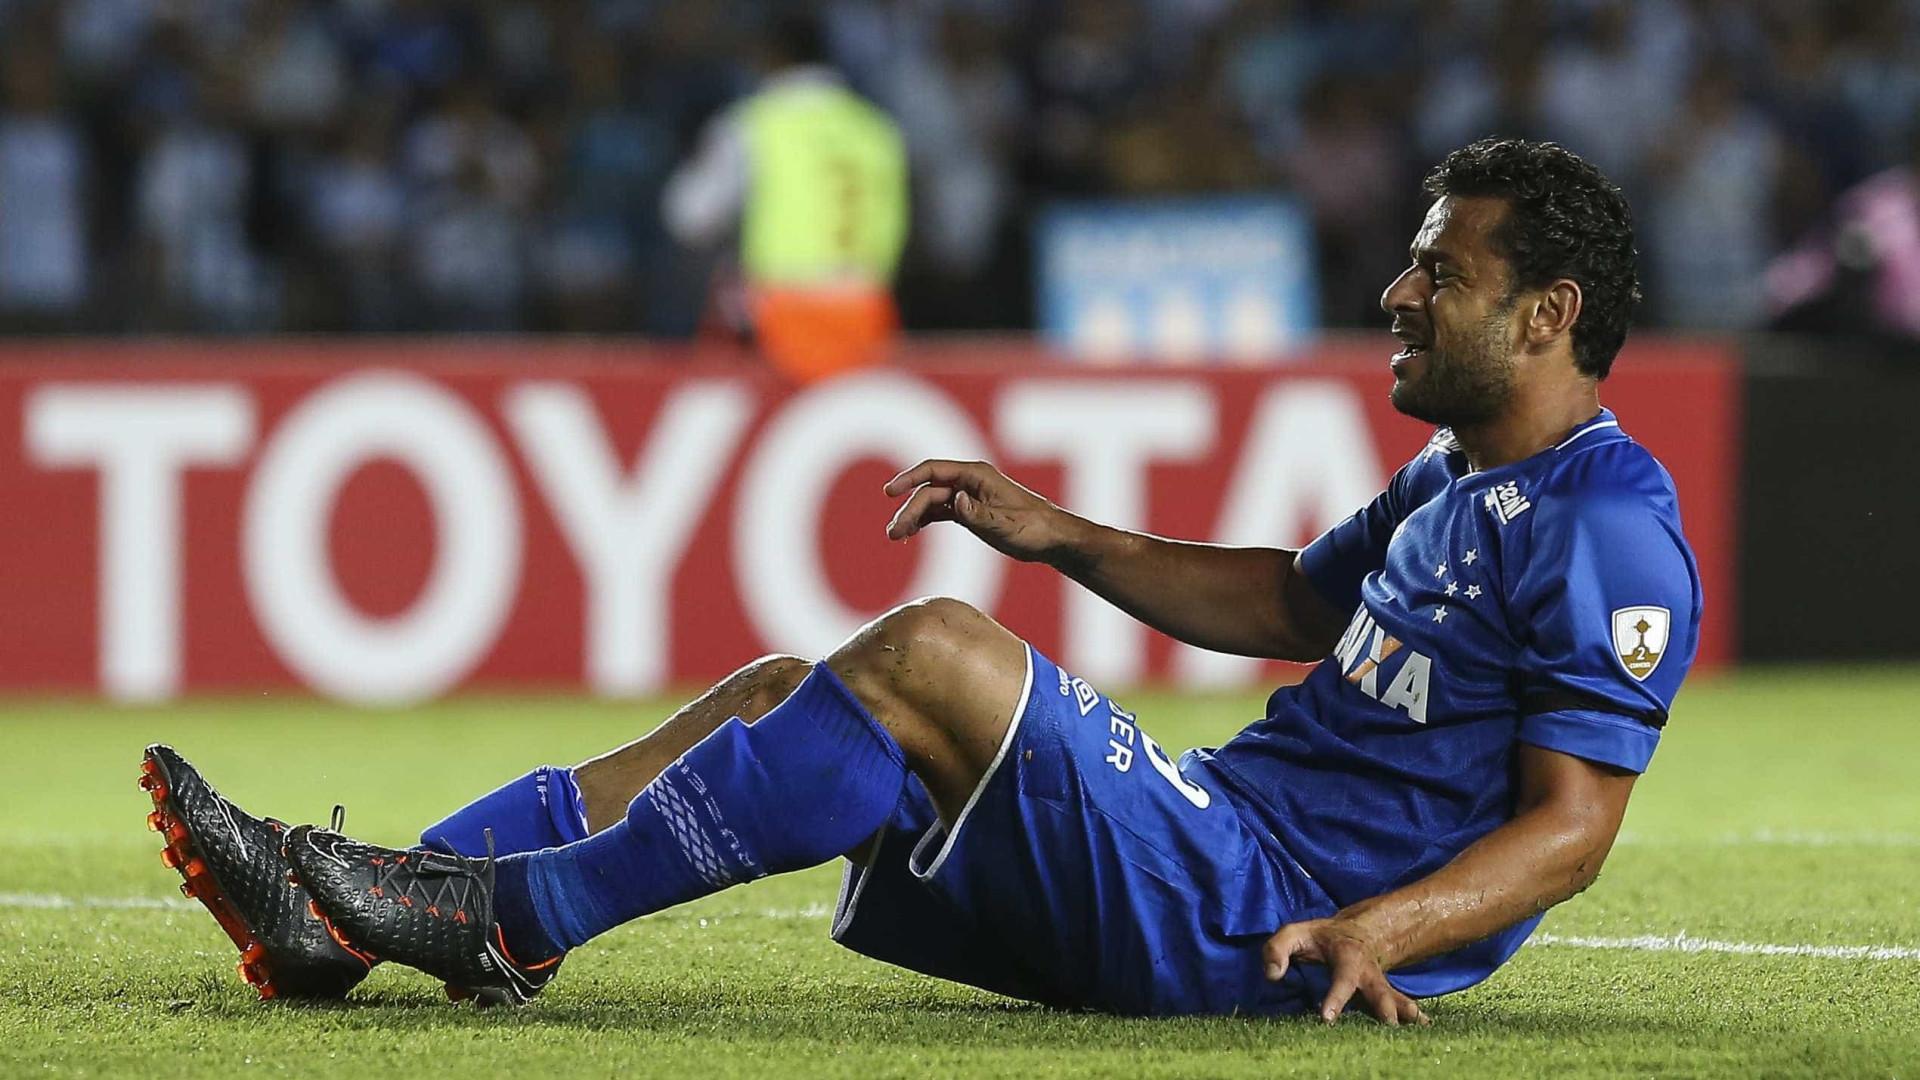 Pelos R$ 10 mi, Fred alega que Atlético quis barrar ida ao Cruzeiro